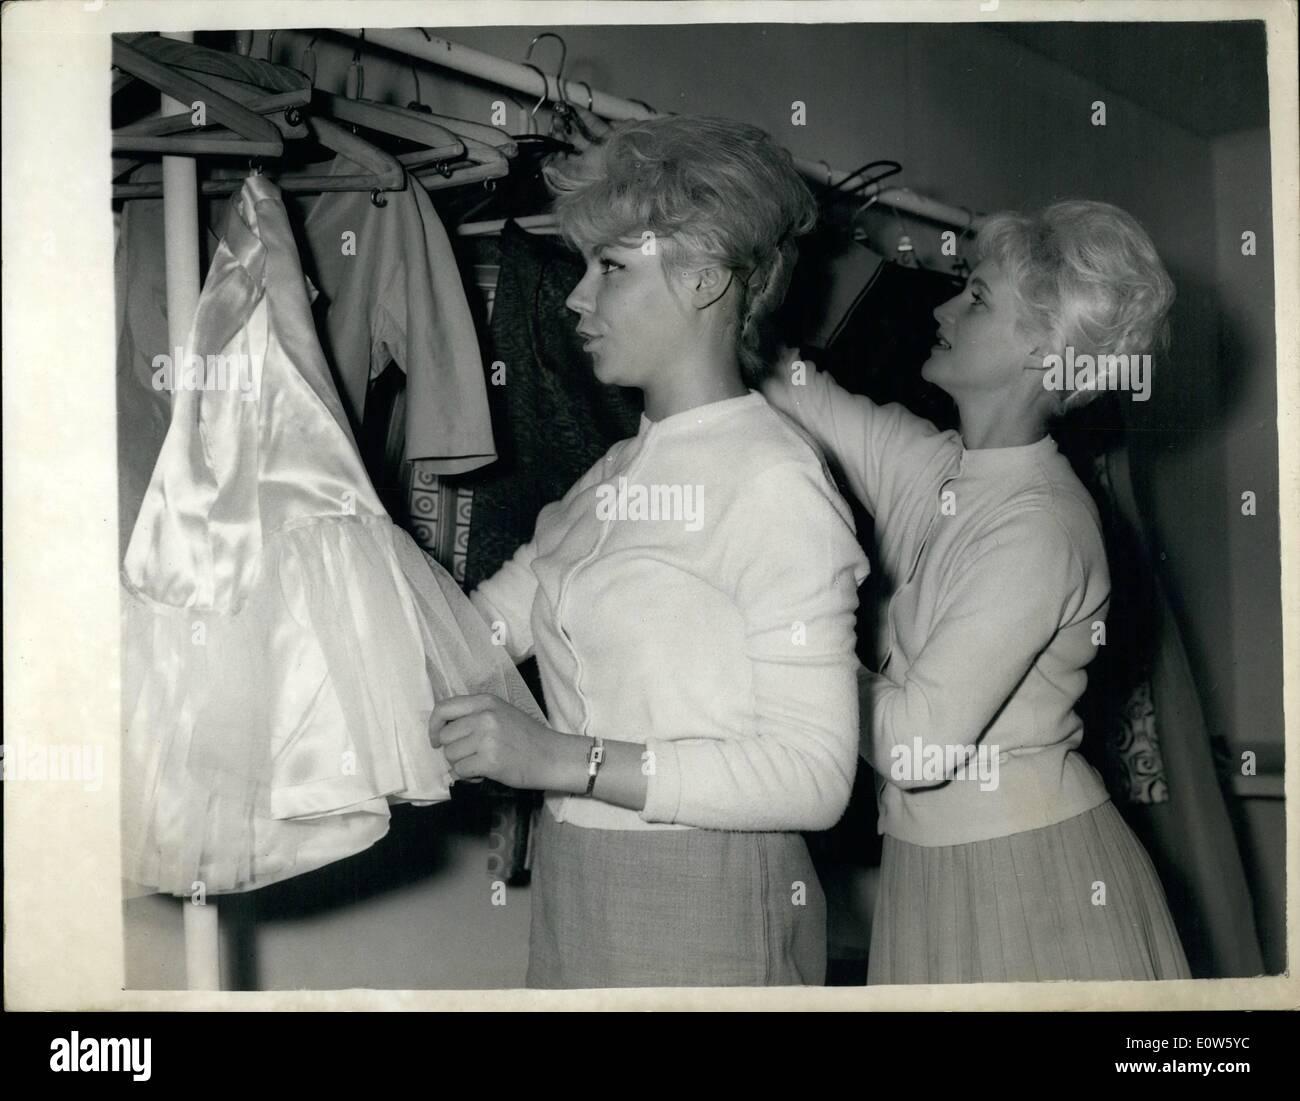 Jul 07, 1961 - Federación de modelos aquí para exposiciones.: Siete Ruso voló a Londres ayer a comparecer en la Foto de stock